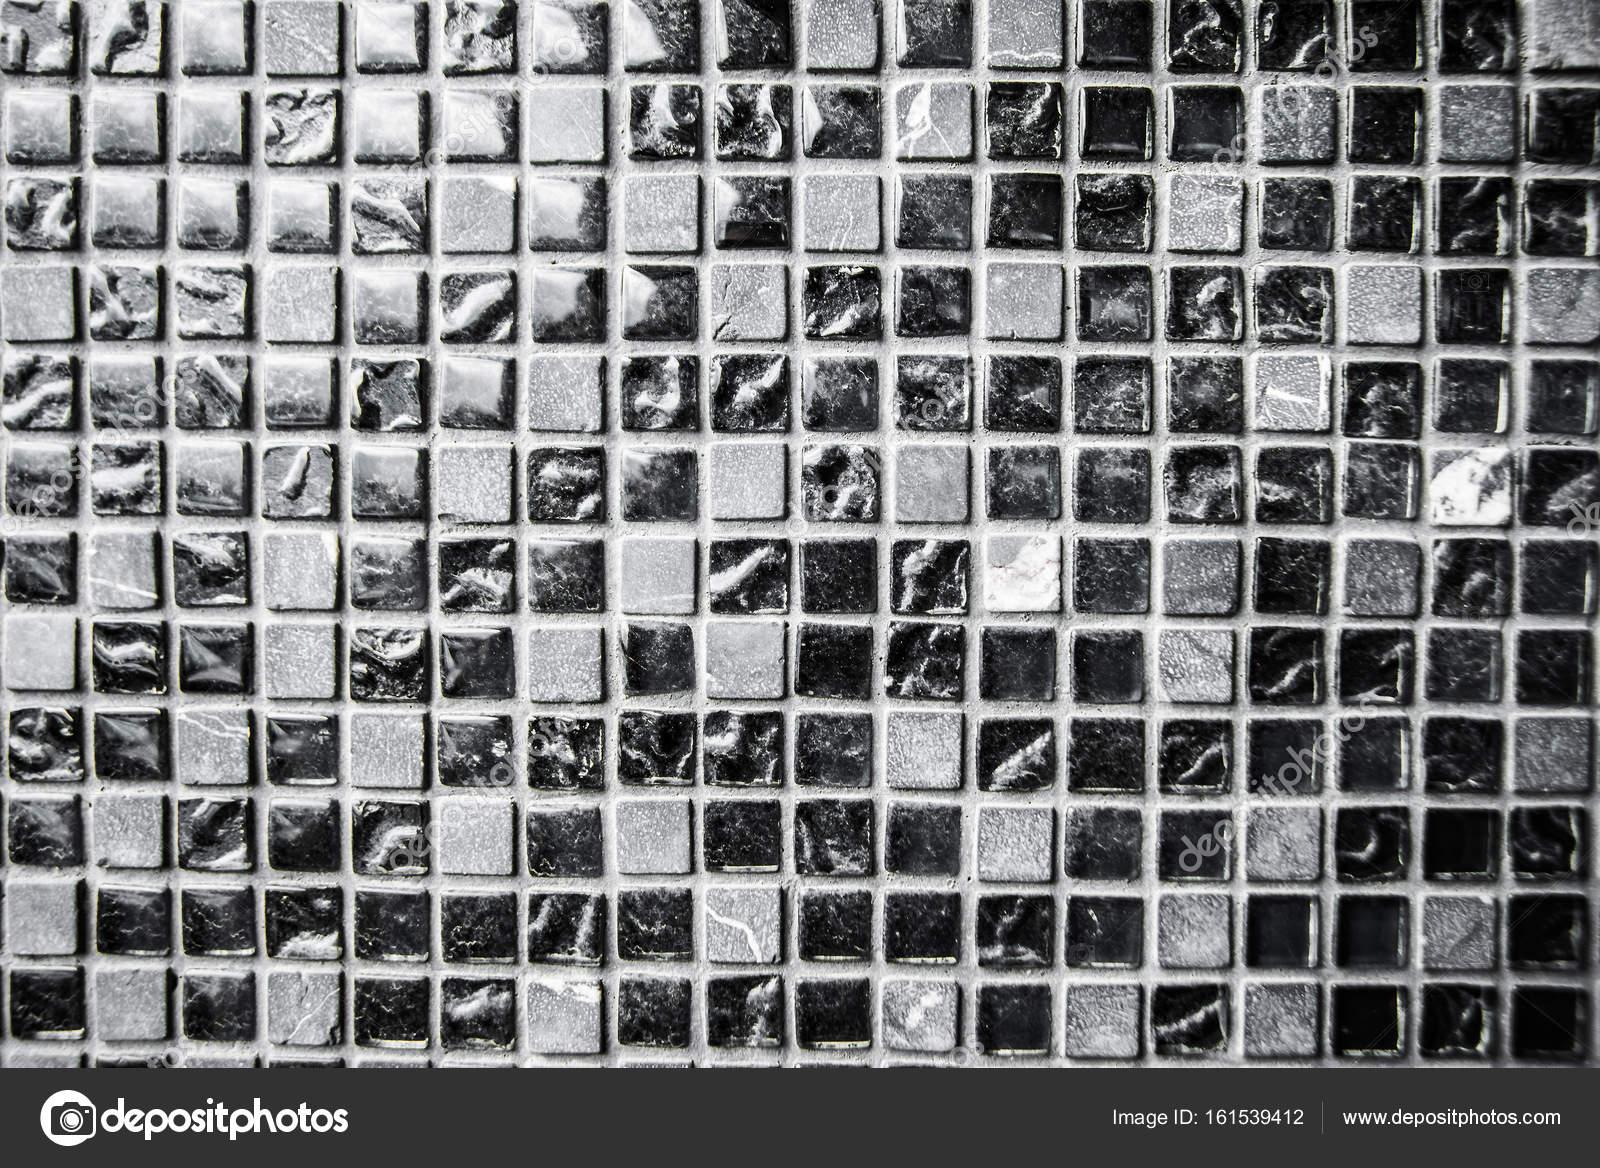 Piastrelle quadrate bianche e nere u2014 foto stock © borjomi88 #161539412